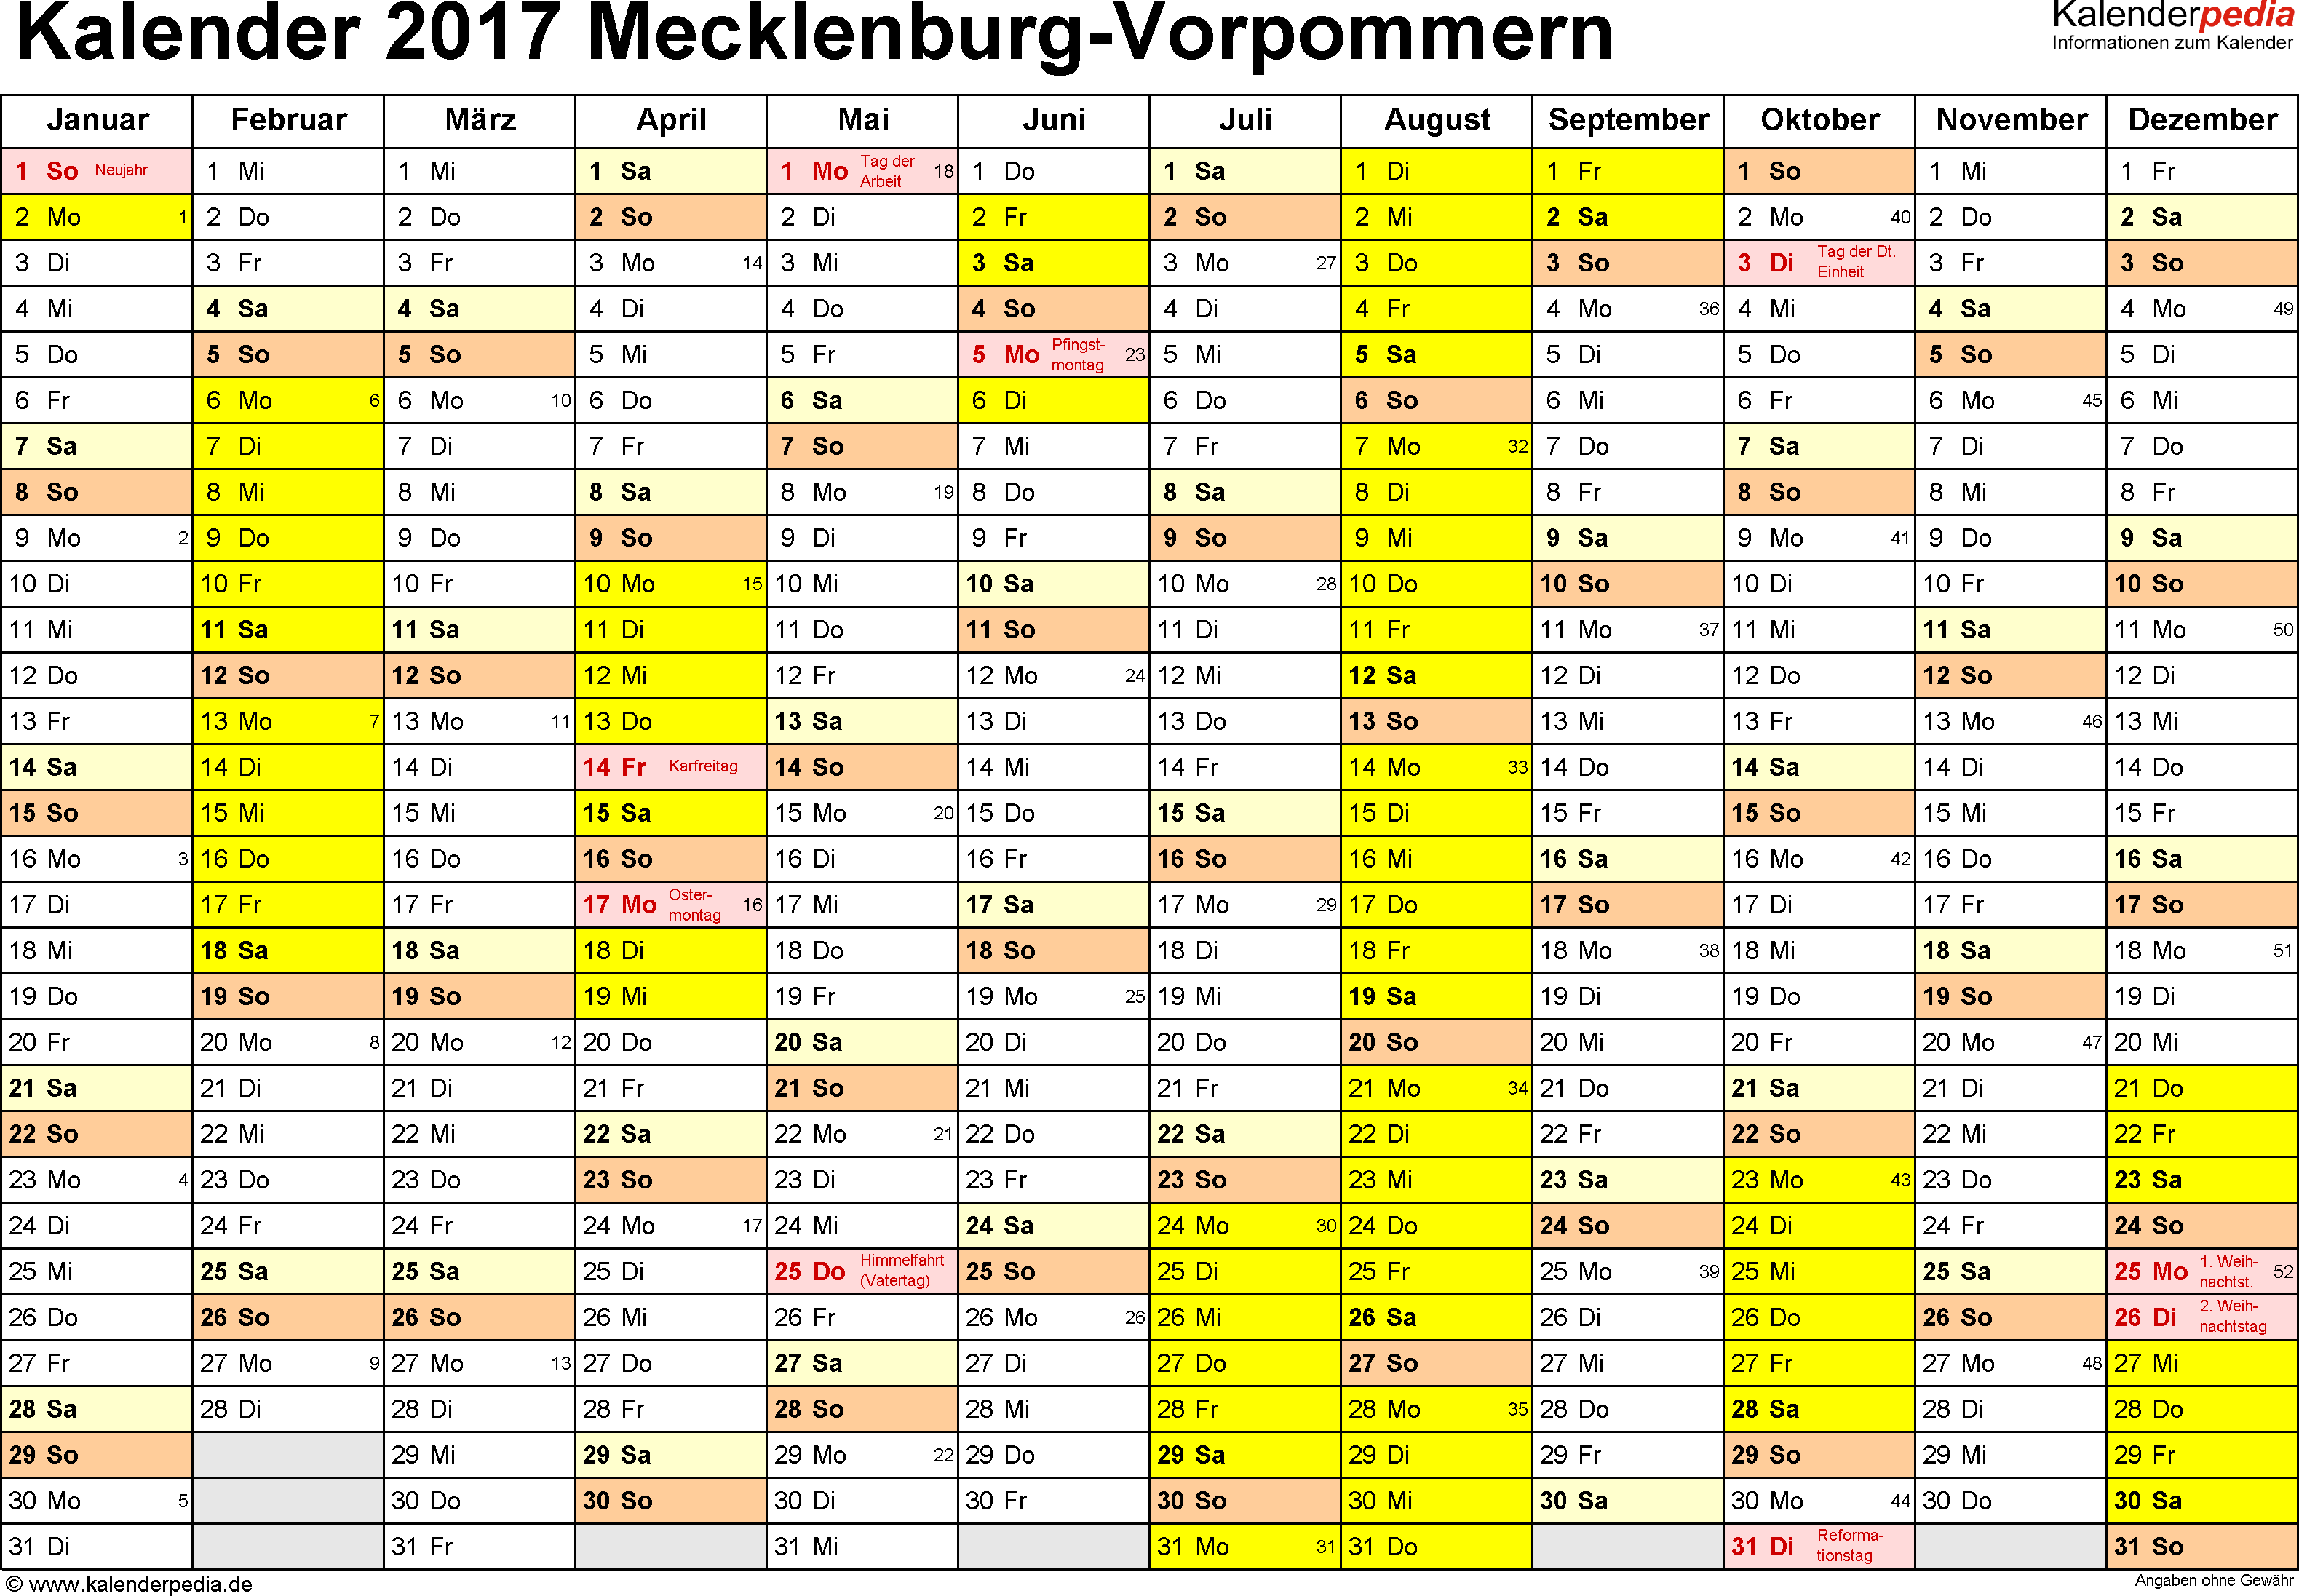 Vorlage 1: Kalender 2017 für Mecklenburg-Vorpommern als Excel-Vorlagen (Querformat, 1 Seite)